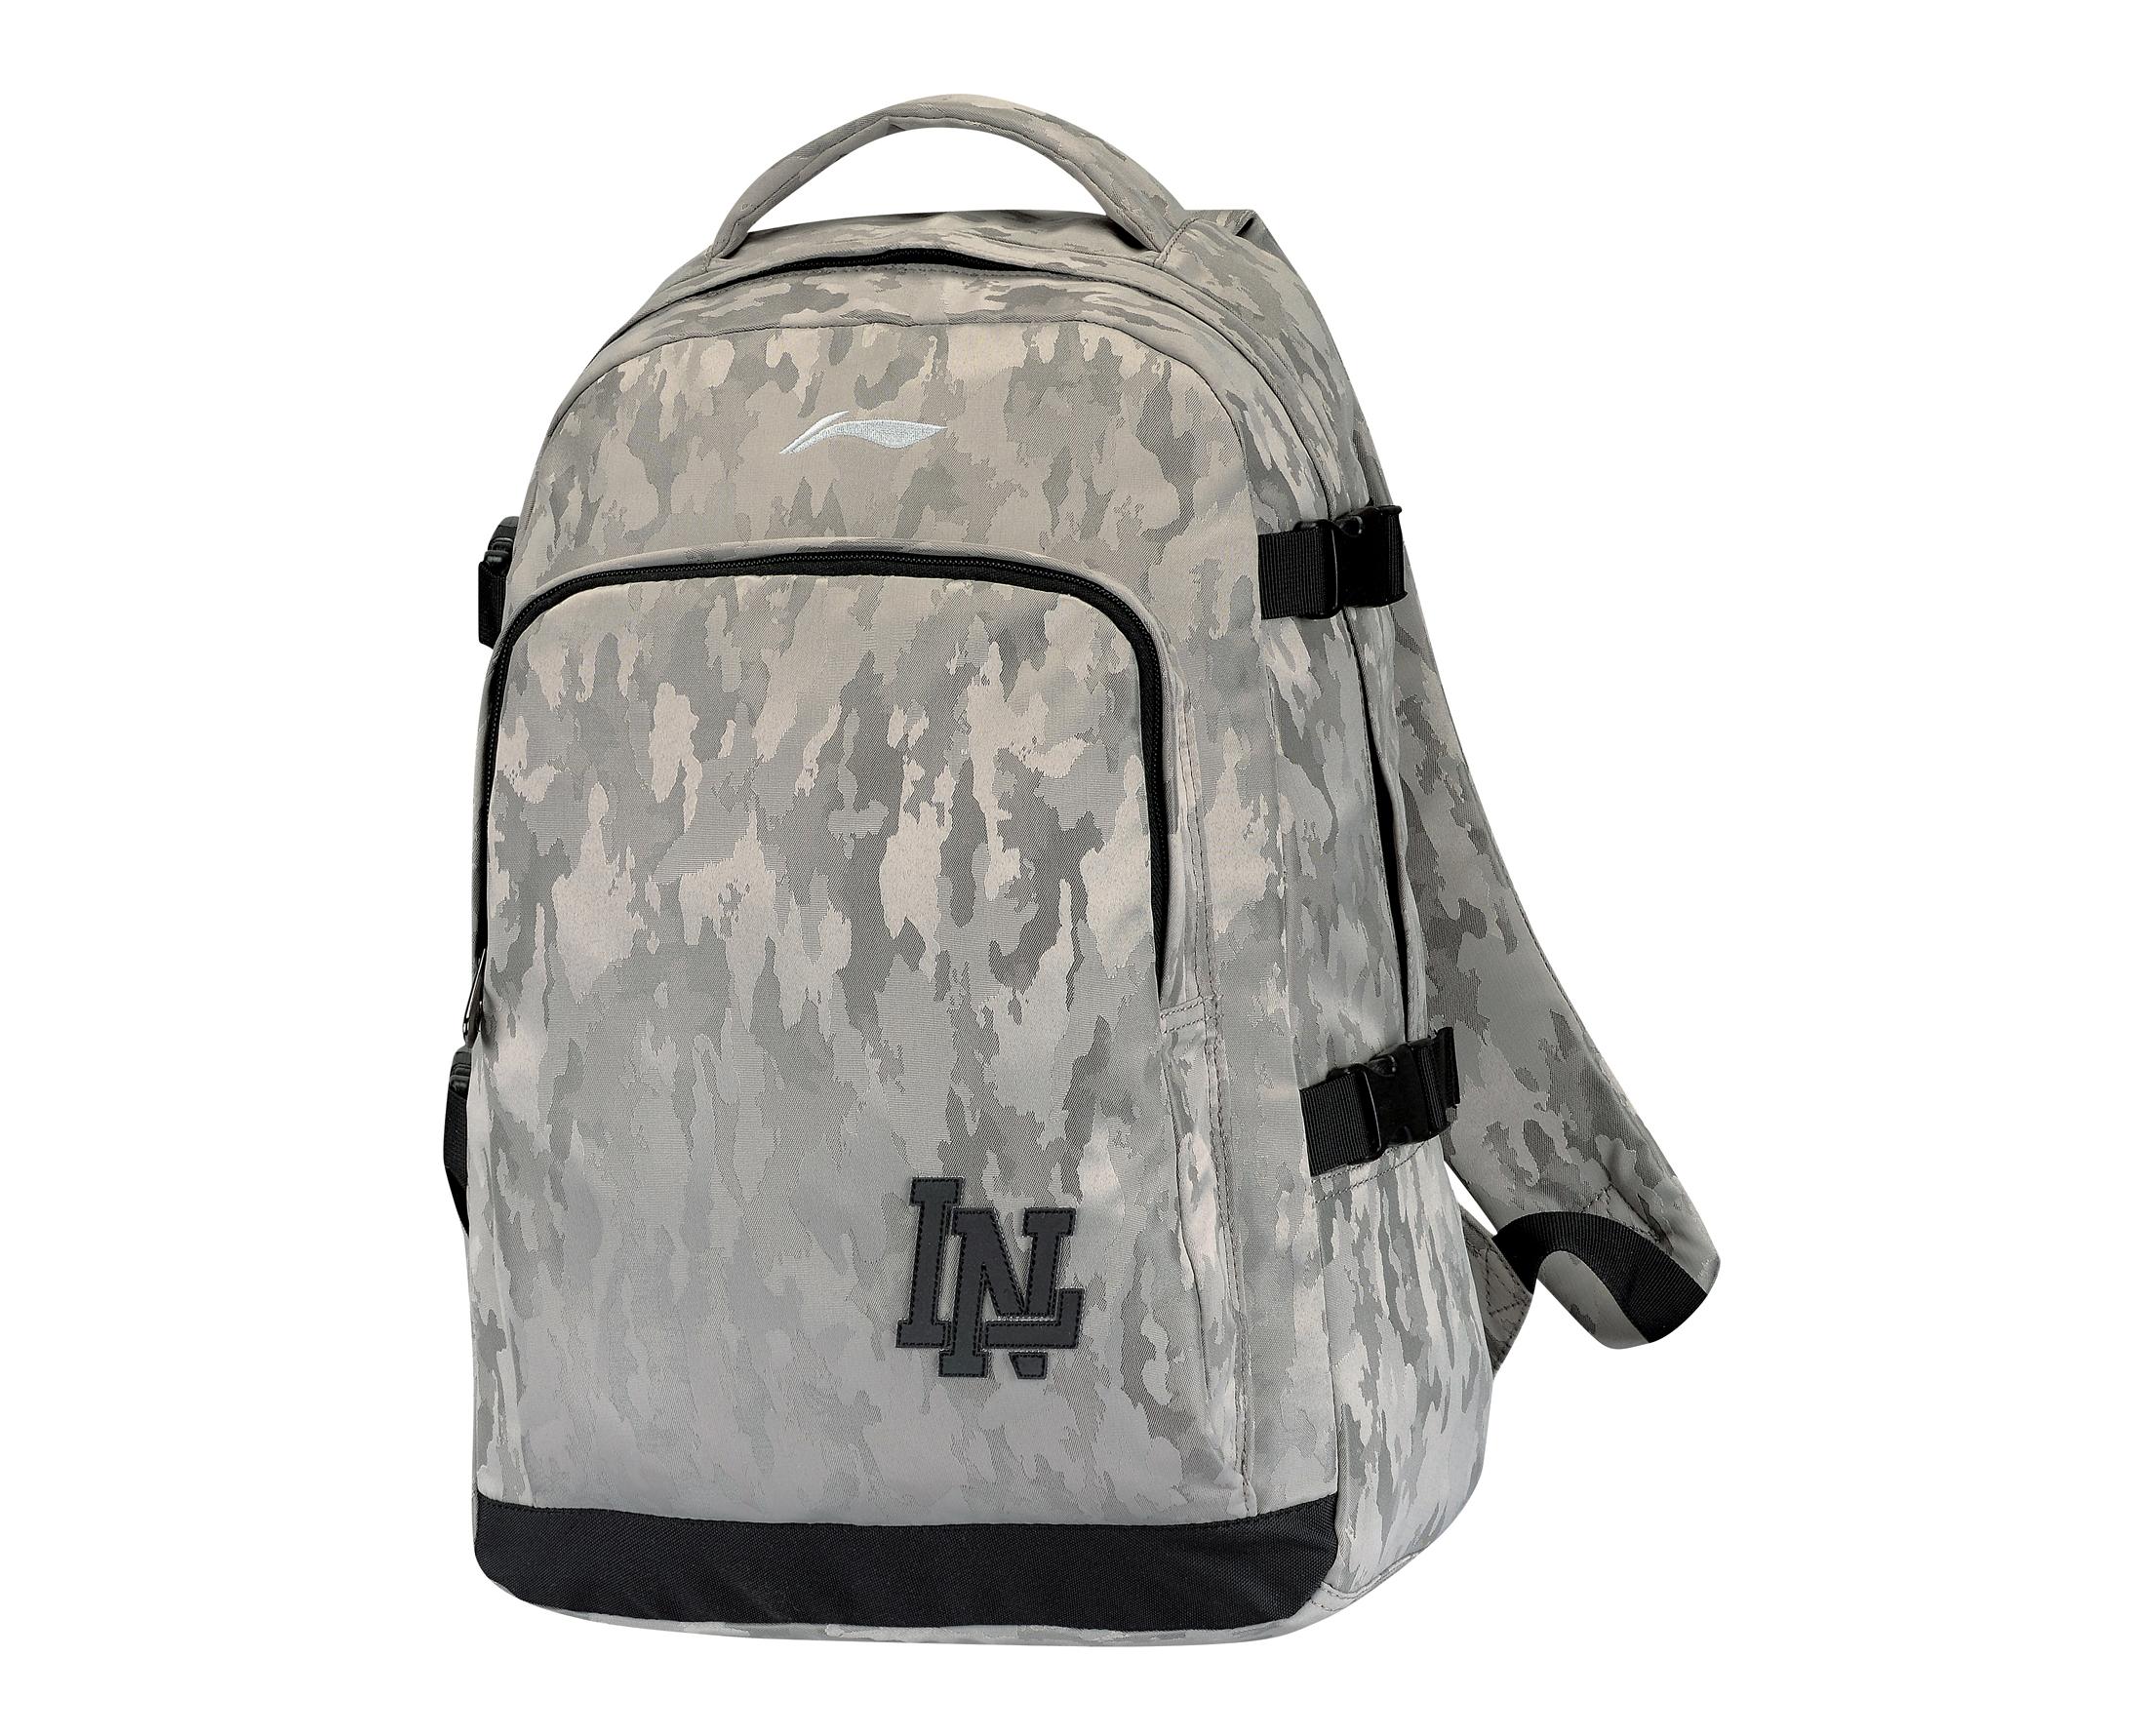 Li Ning 174 Badminton Backpacks Absl067 3 Backpack